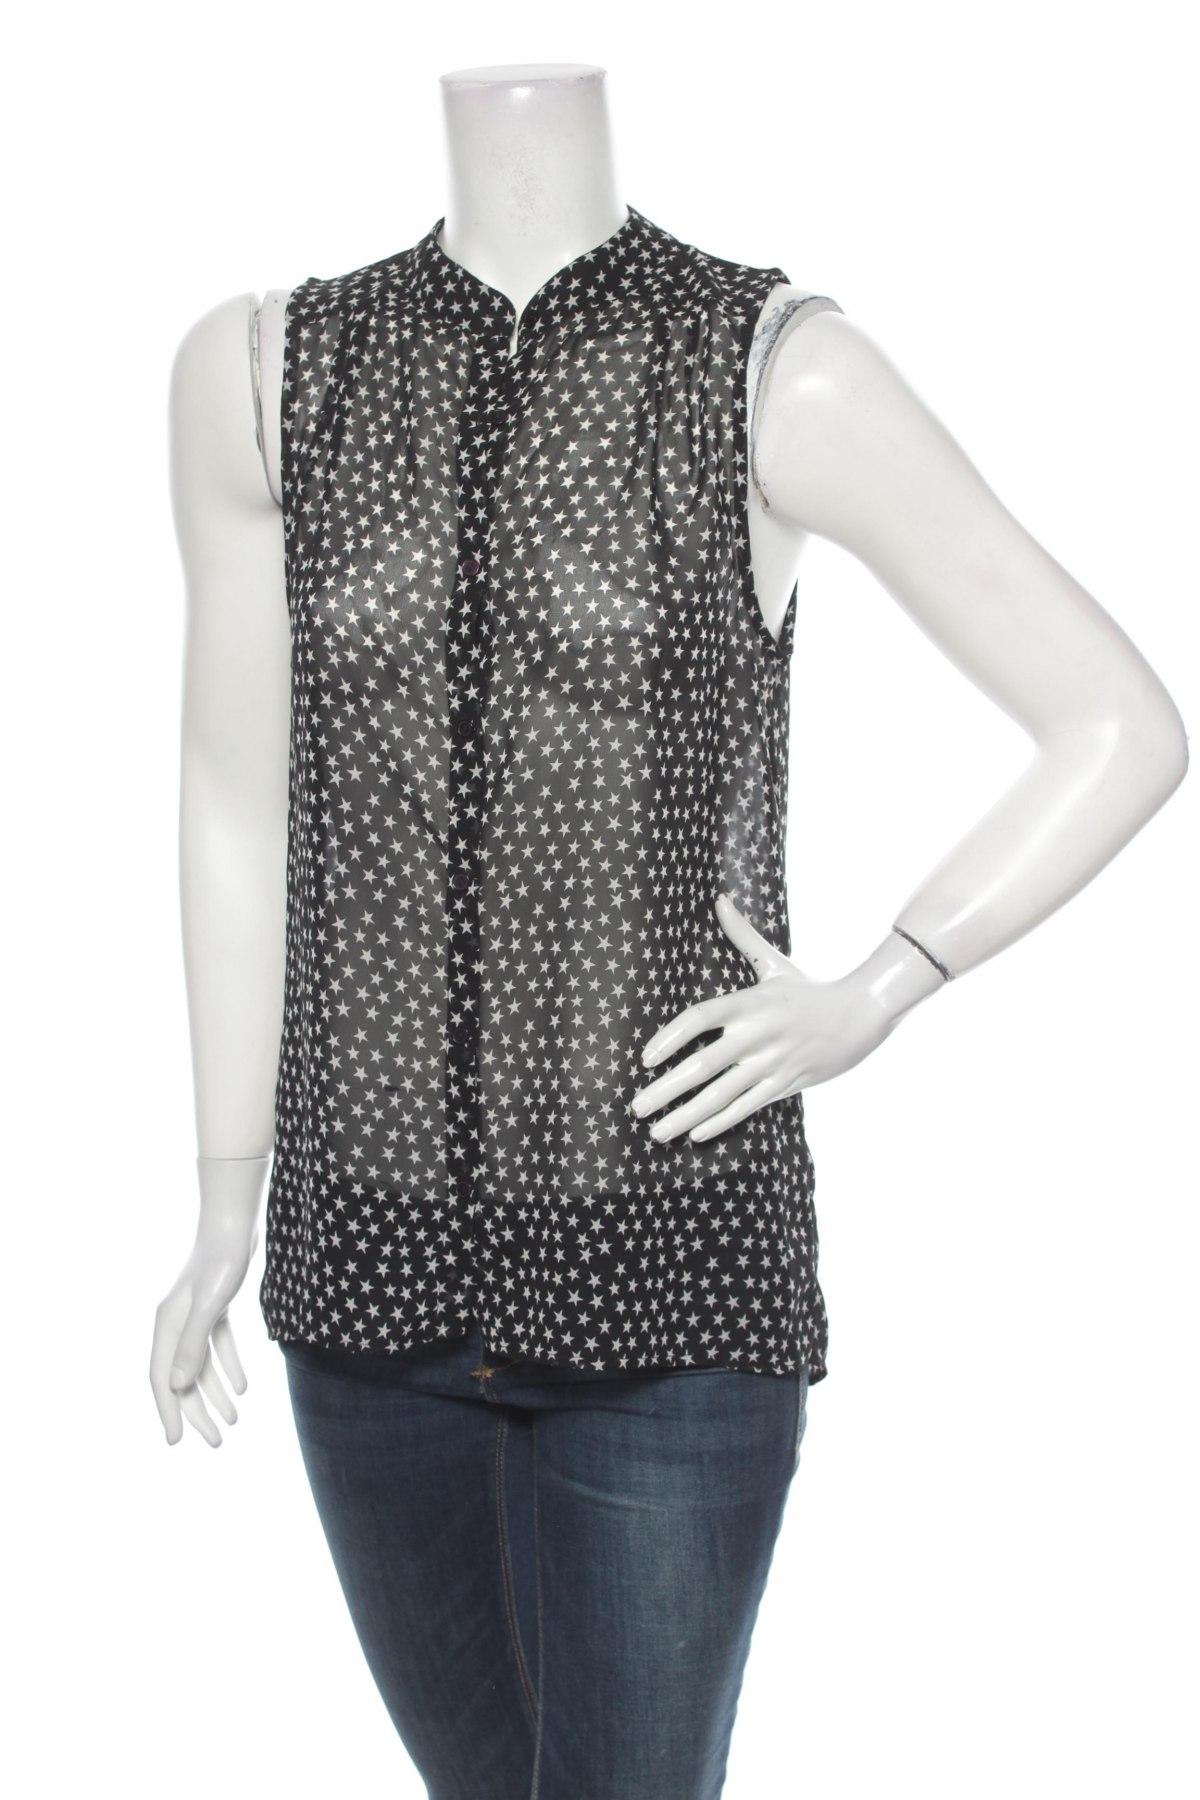 Γυναικείο πουκάμισο Sparkz, Μέγεθος M, Χρώμα Μαύρο, Πολυεστέρας, Τιμή 9,90€